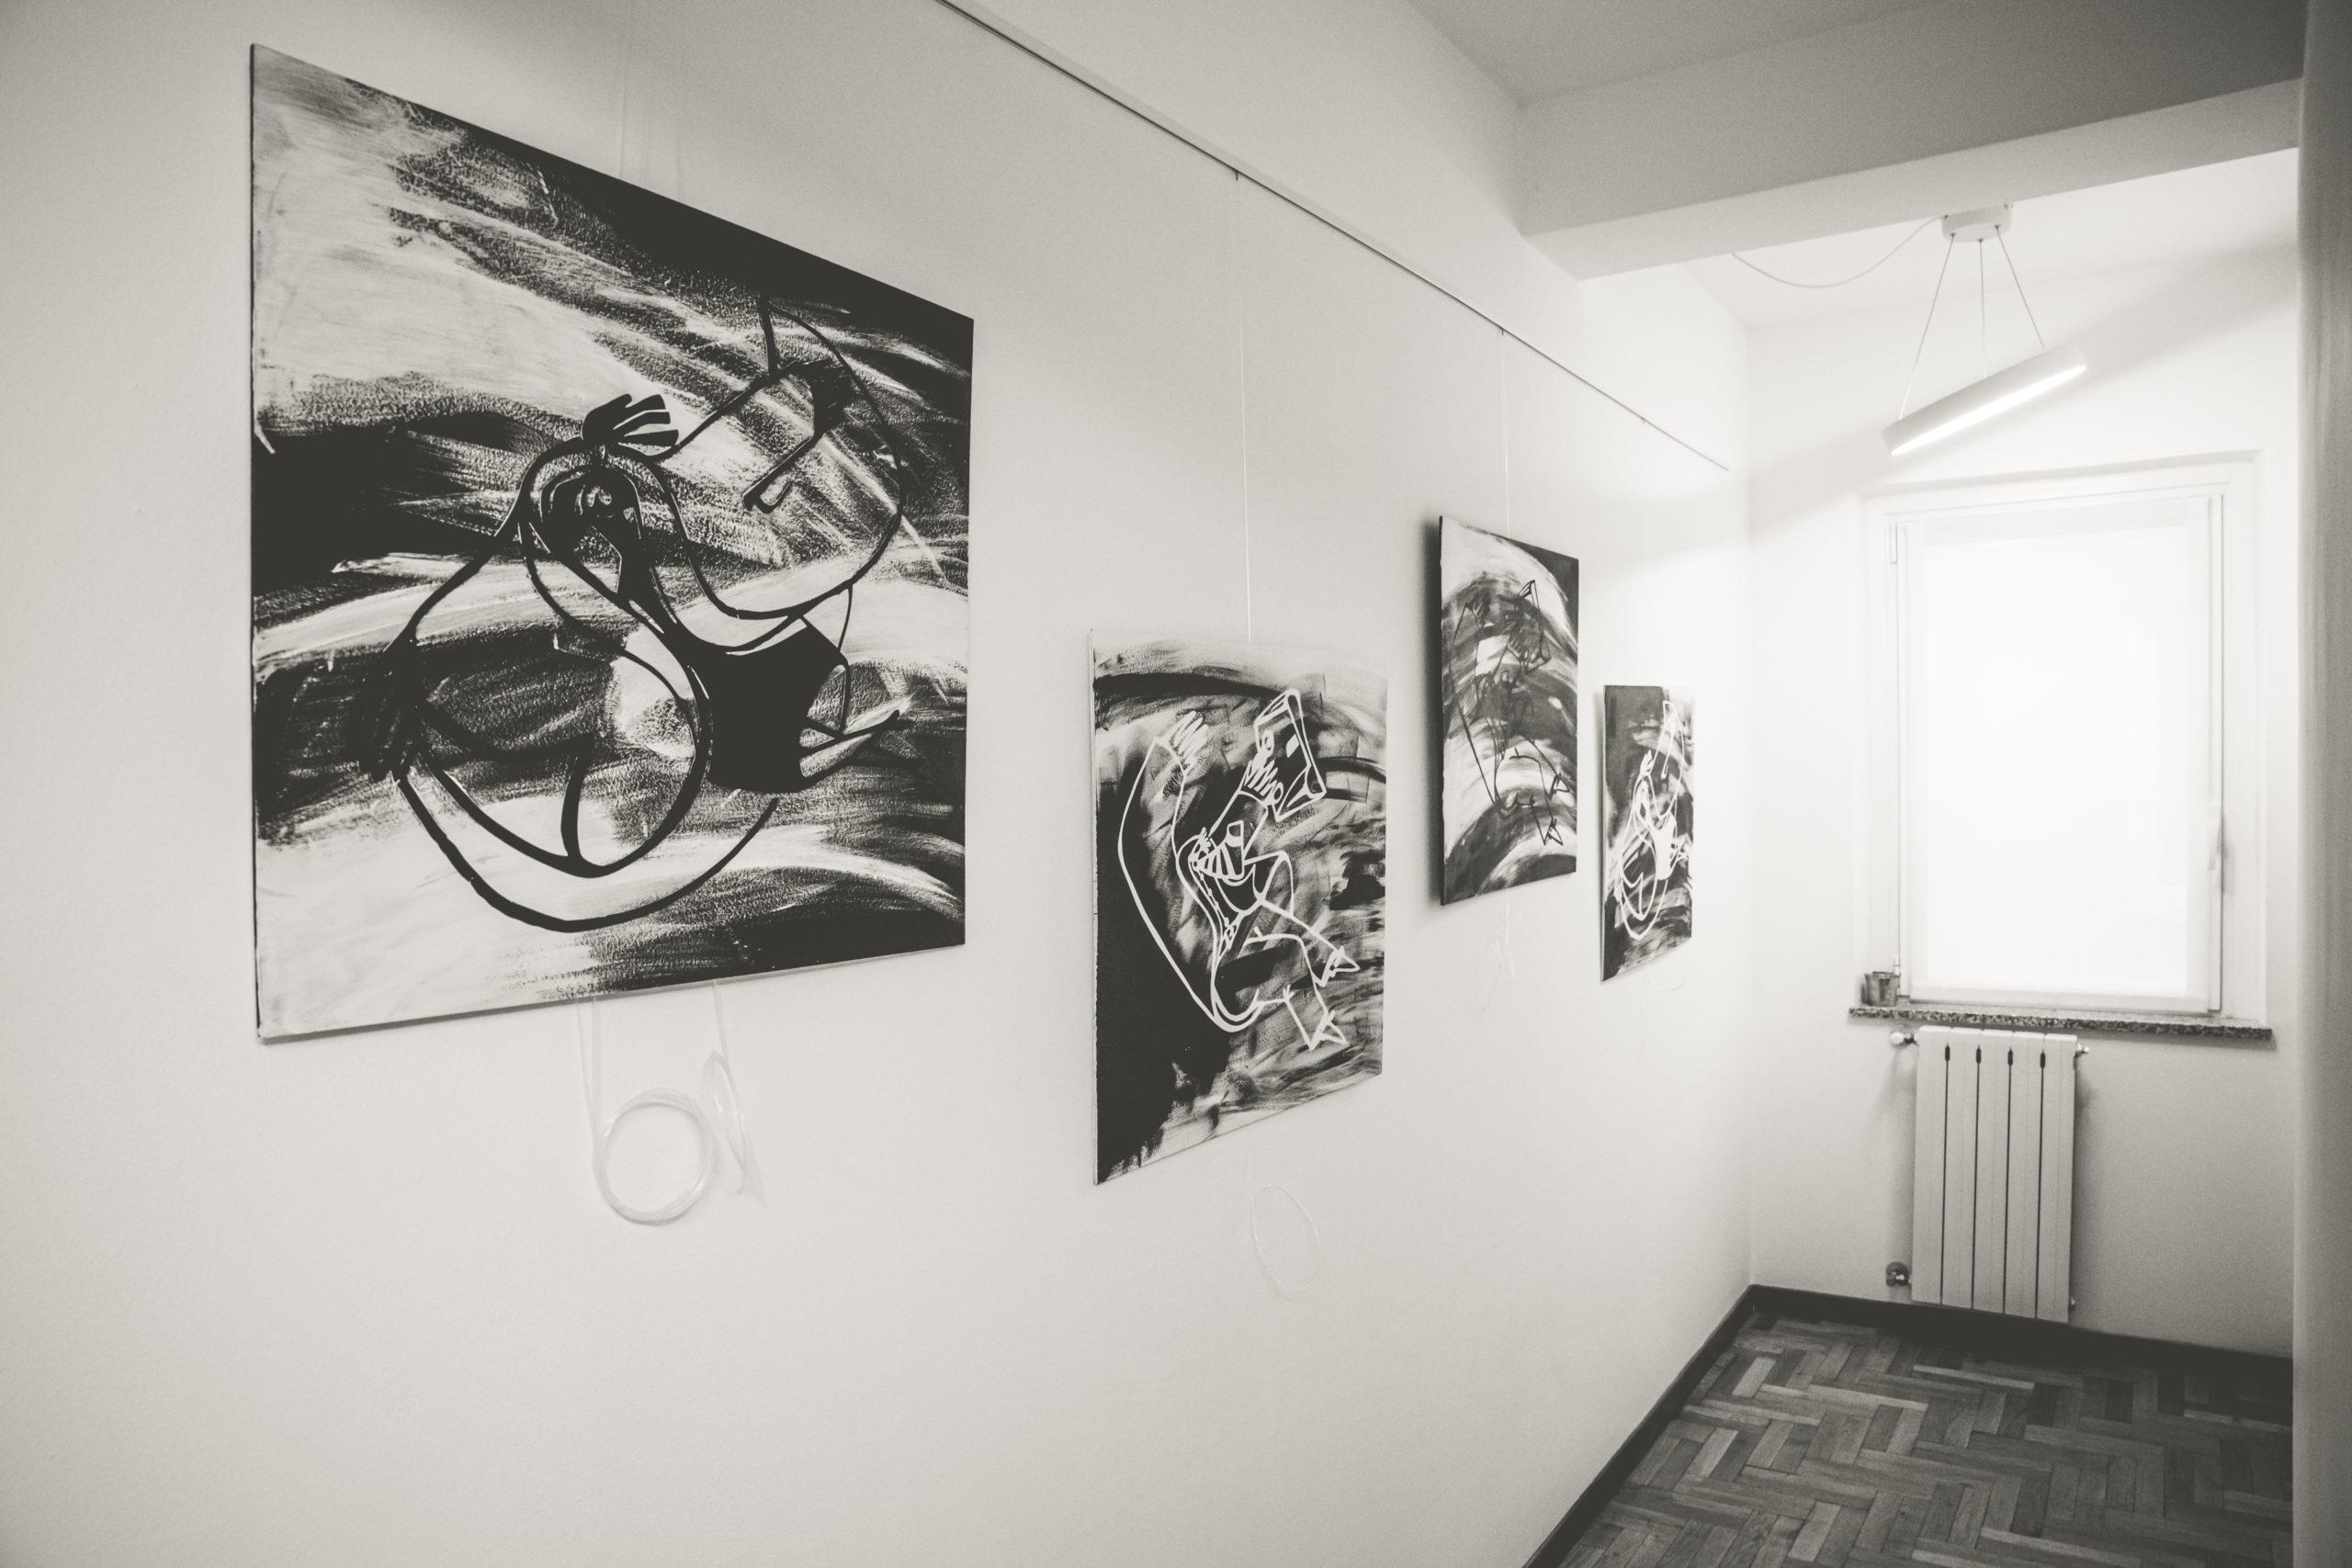 Mostra a Dancing House, lo spazio creativo di Marta Zacchigna a Trieste.